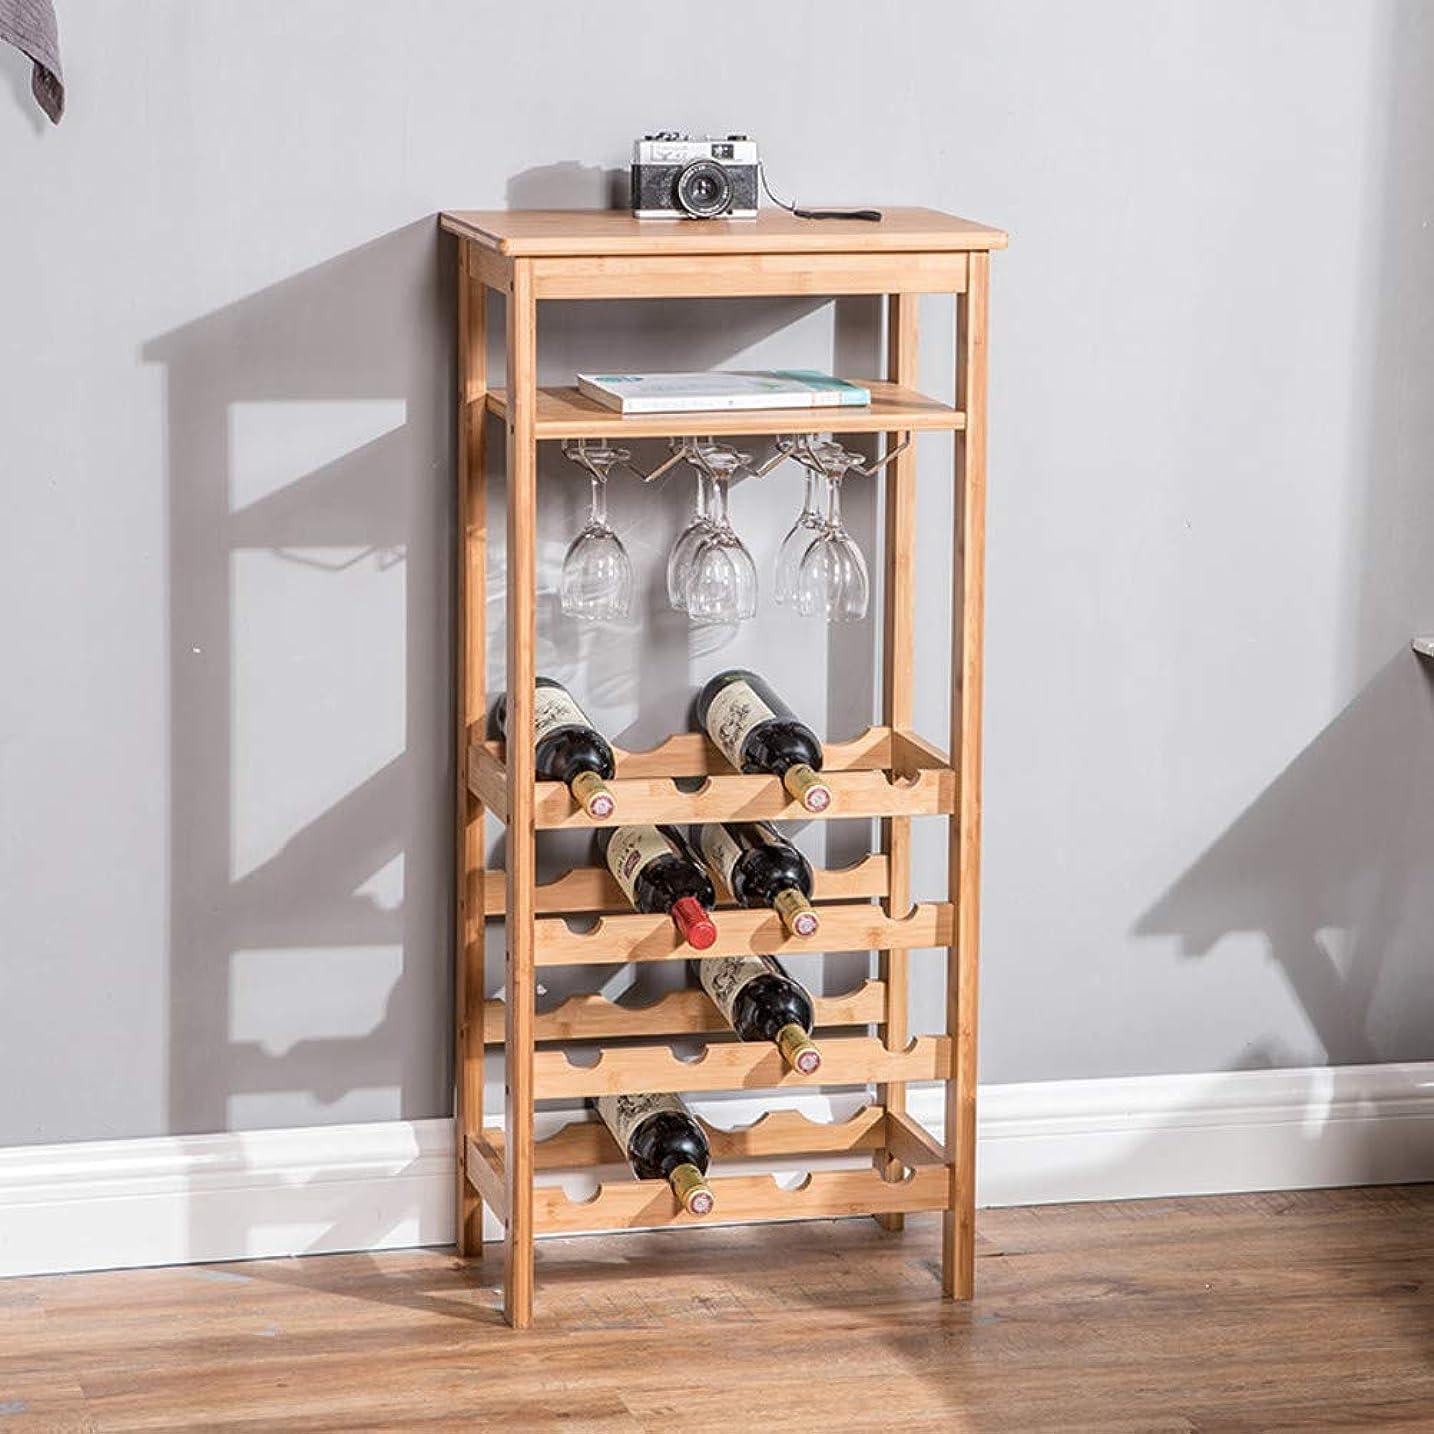 文協力する暴力竹ワインボトルラック, キッチンバー用ワイングラスホルダー棚付き4段フリースタンディングホルダー収納棚 -原色 47×29×99.5cm